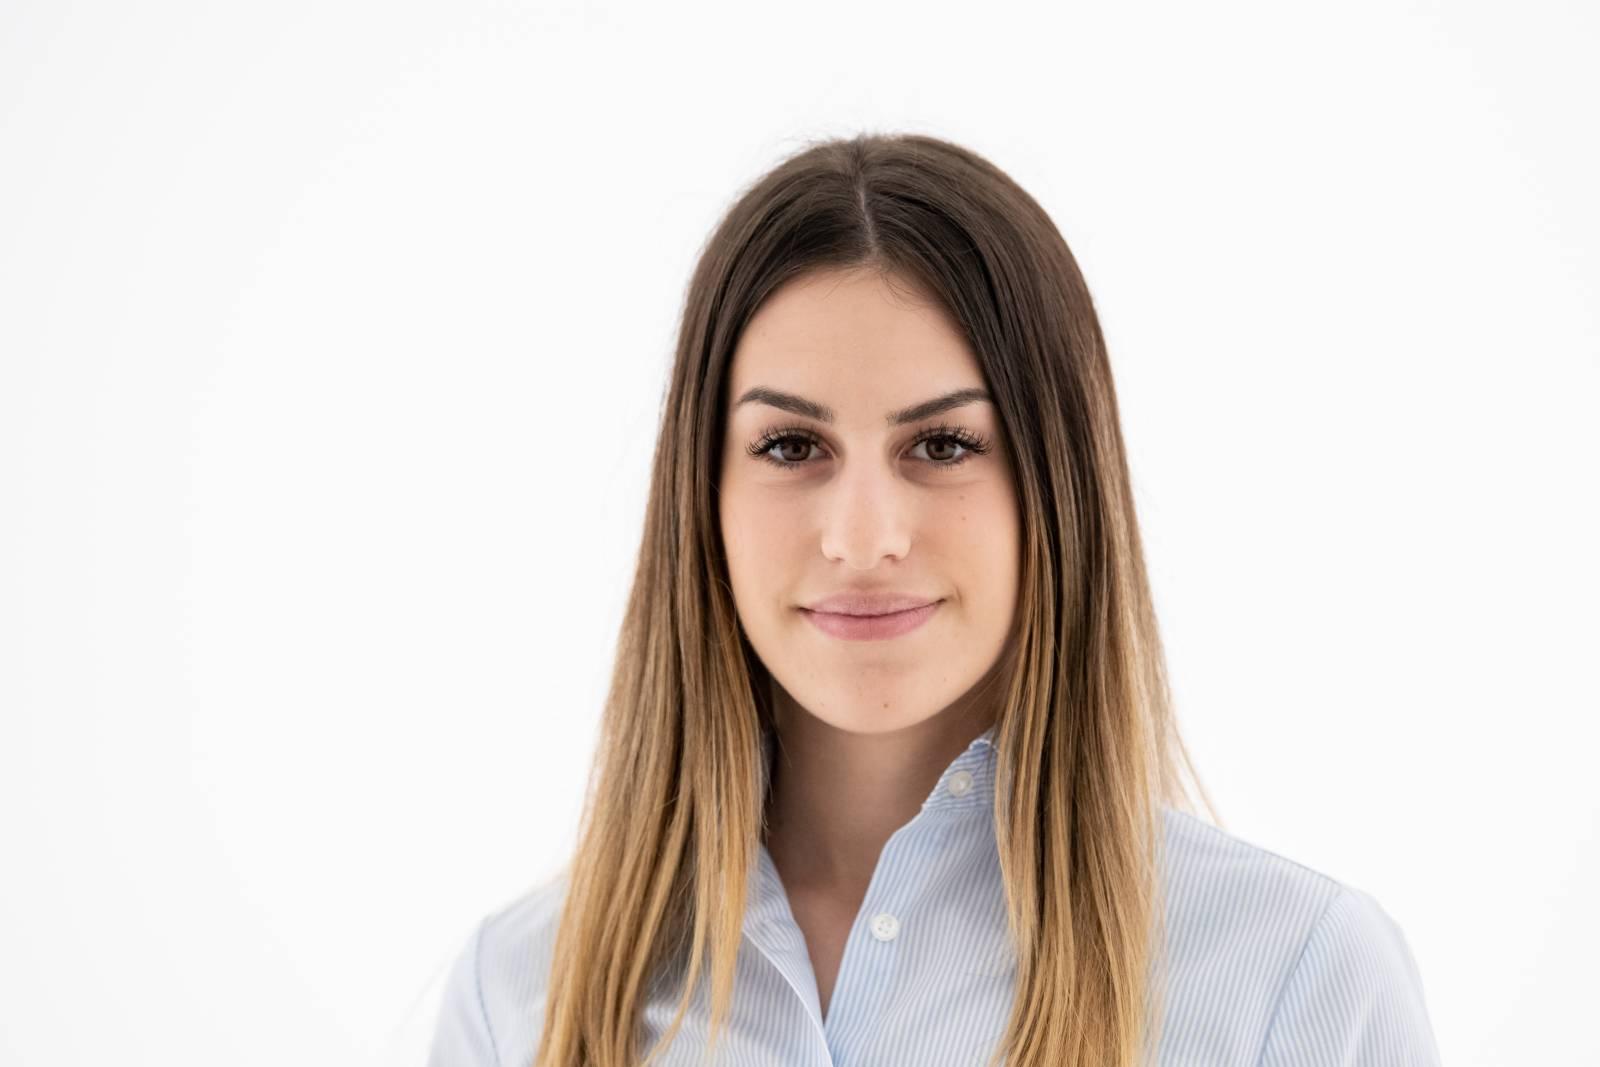 Barbara Surudzic